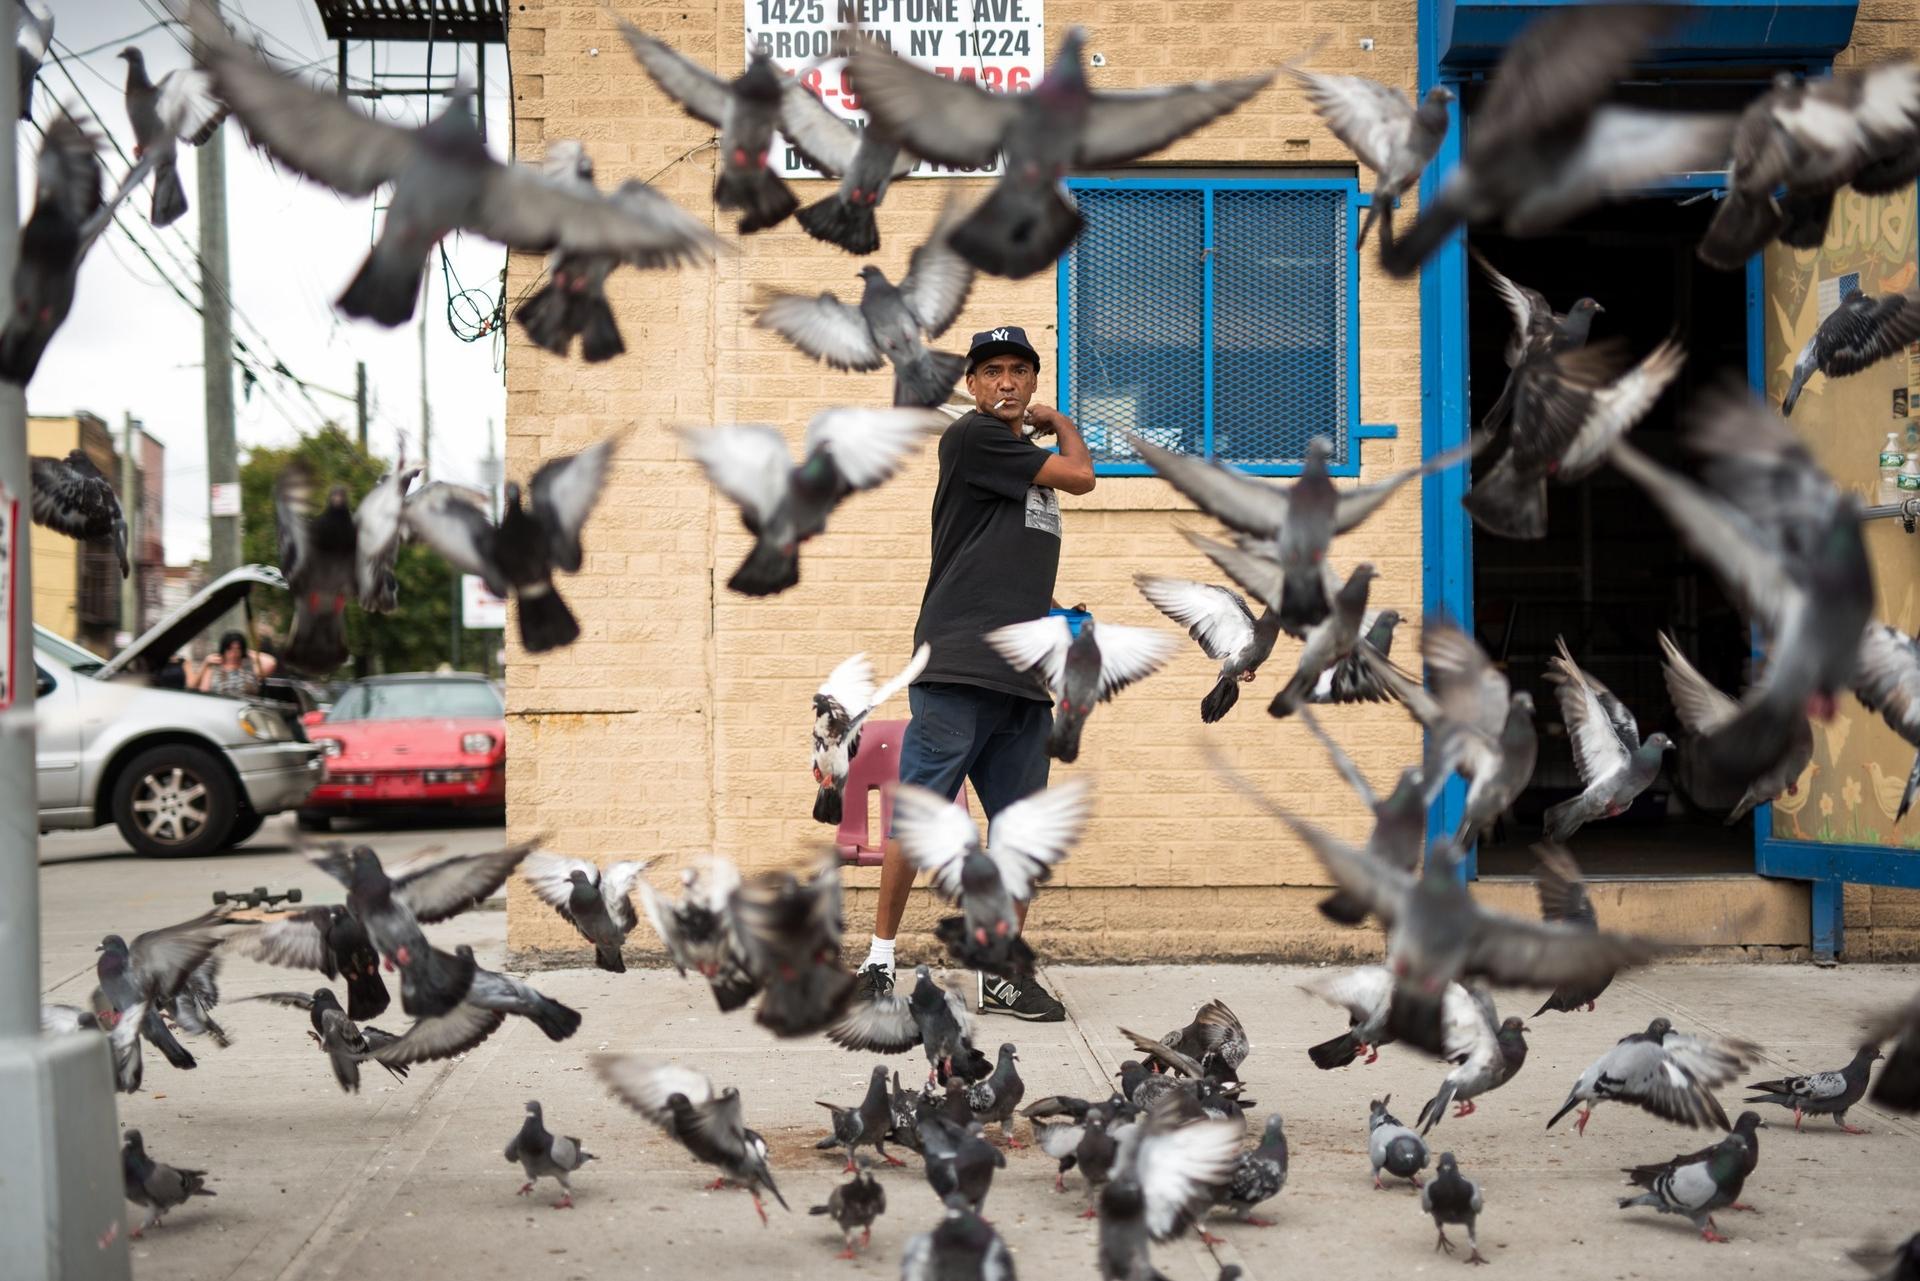 照片上的男子自稱「Tweety」,他在紐約康尼島(Coney Island)的這個街區已經照顧鴿子已有50年的時間。Your Shot攝影師Adam Schluter說,「我請他站起來拍照。當他這麼做的時候,鴿子們開始在他周圍旋轉,這樣就拍出了完美的照片。」